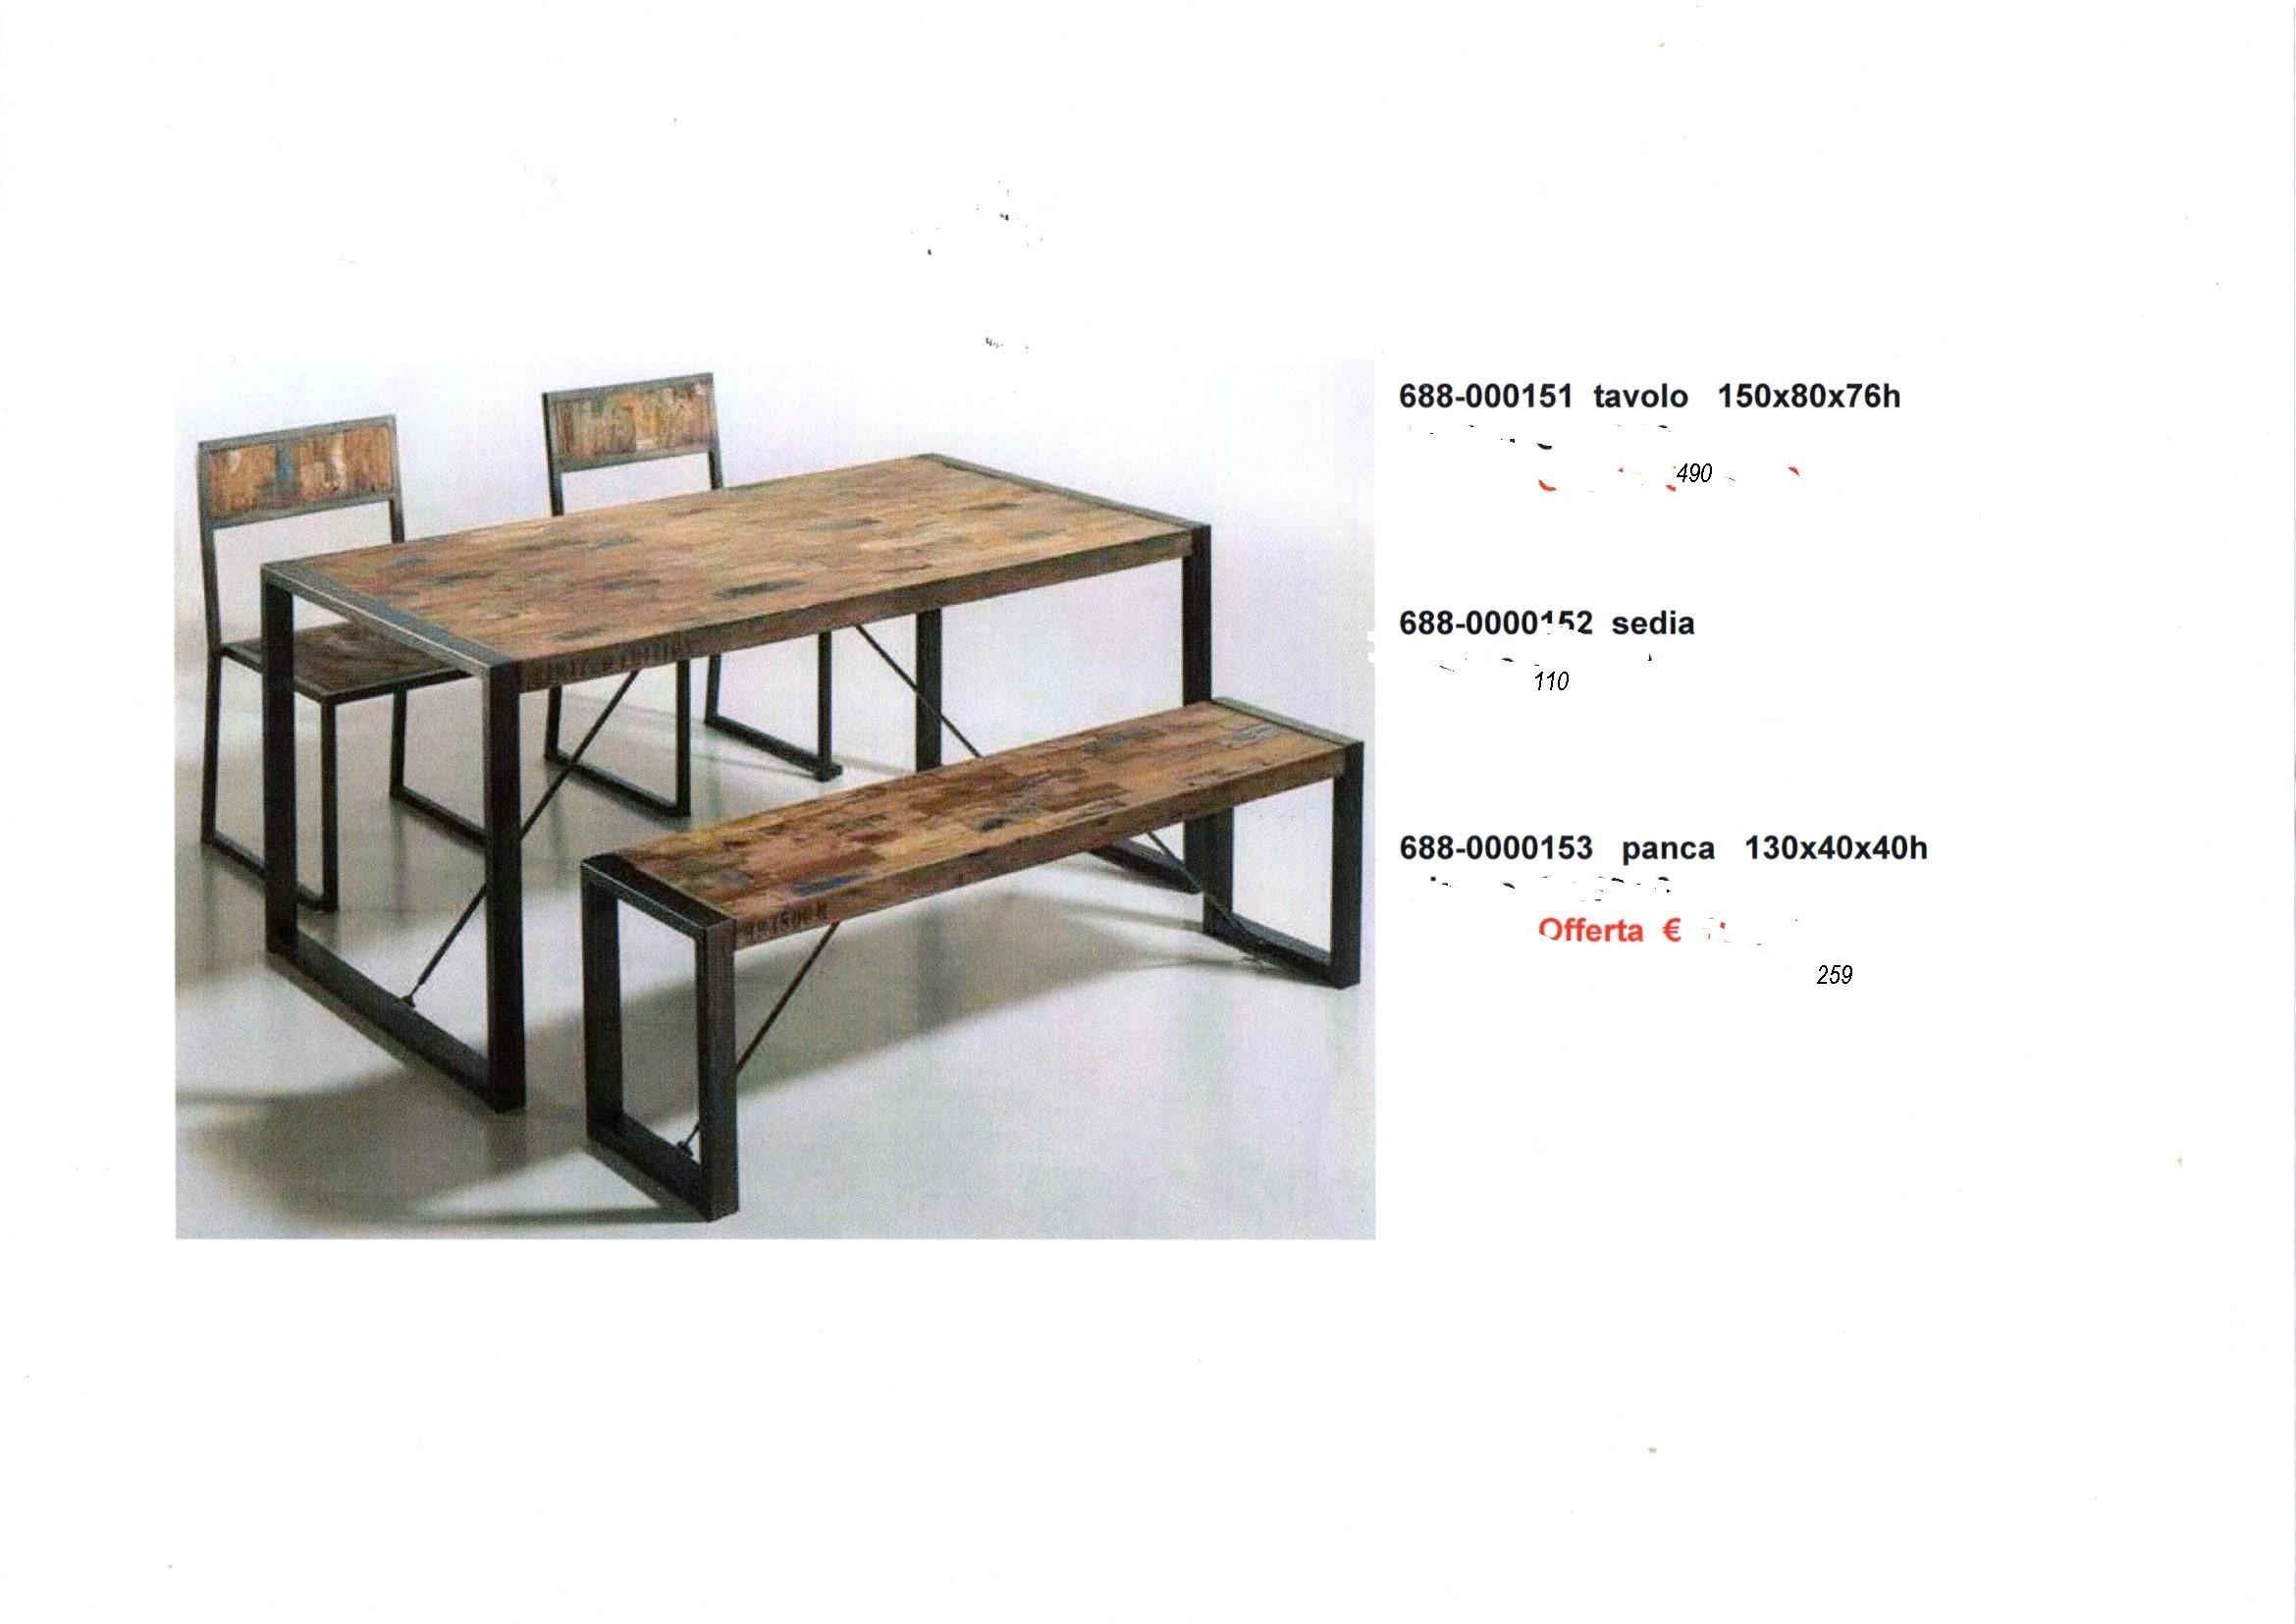 Panca tavolo sedie industriale complementi a prezzi scontati - Tavolo stile industriale ...